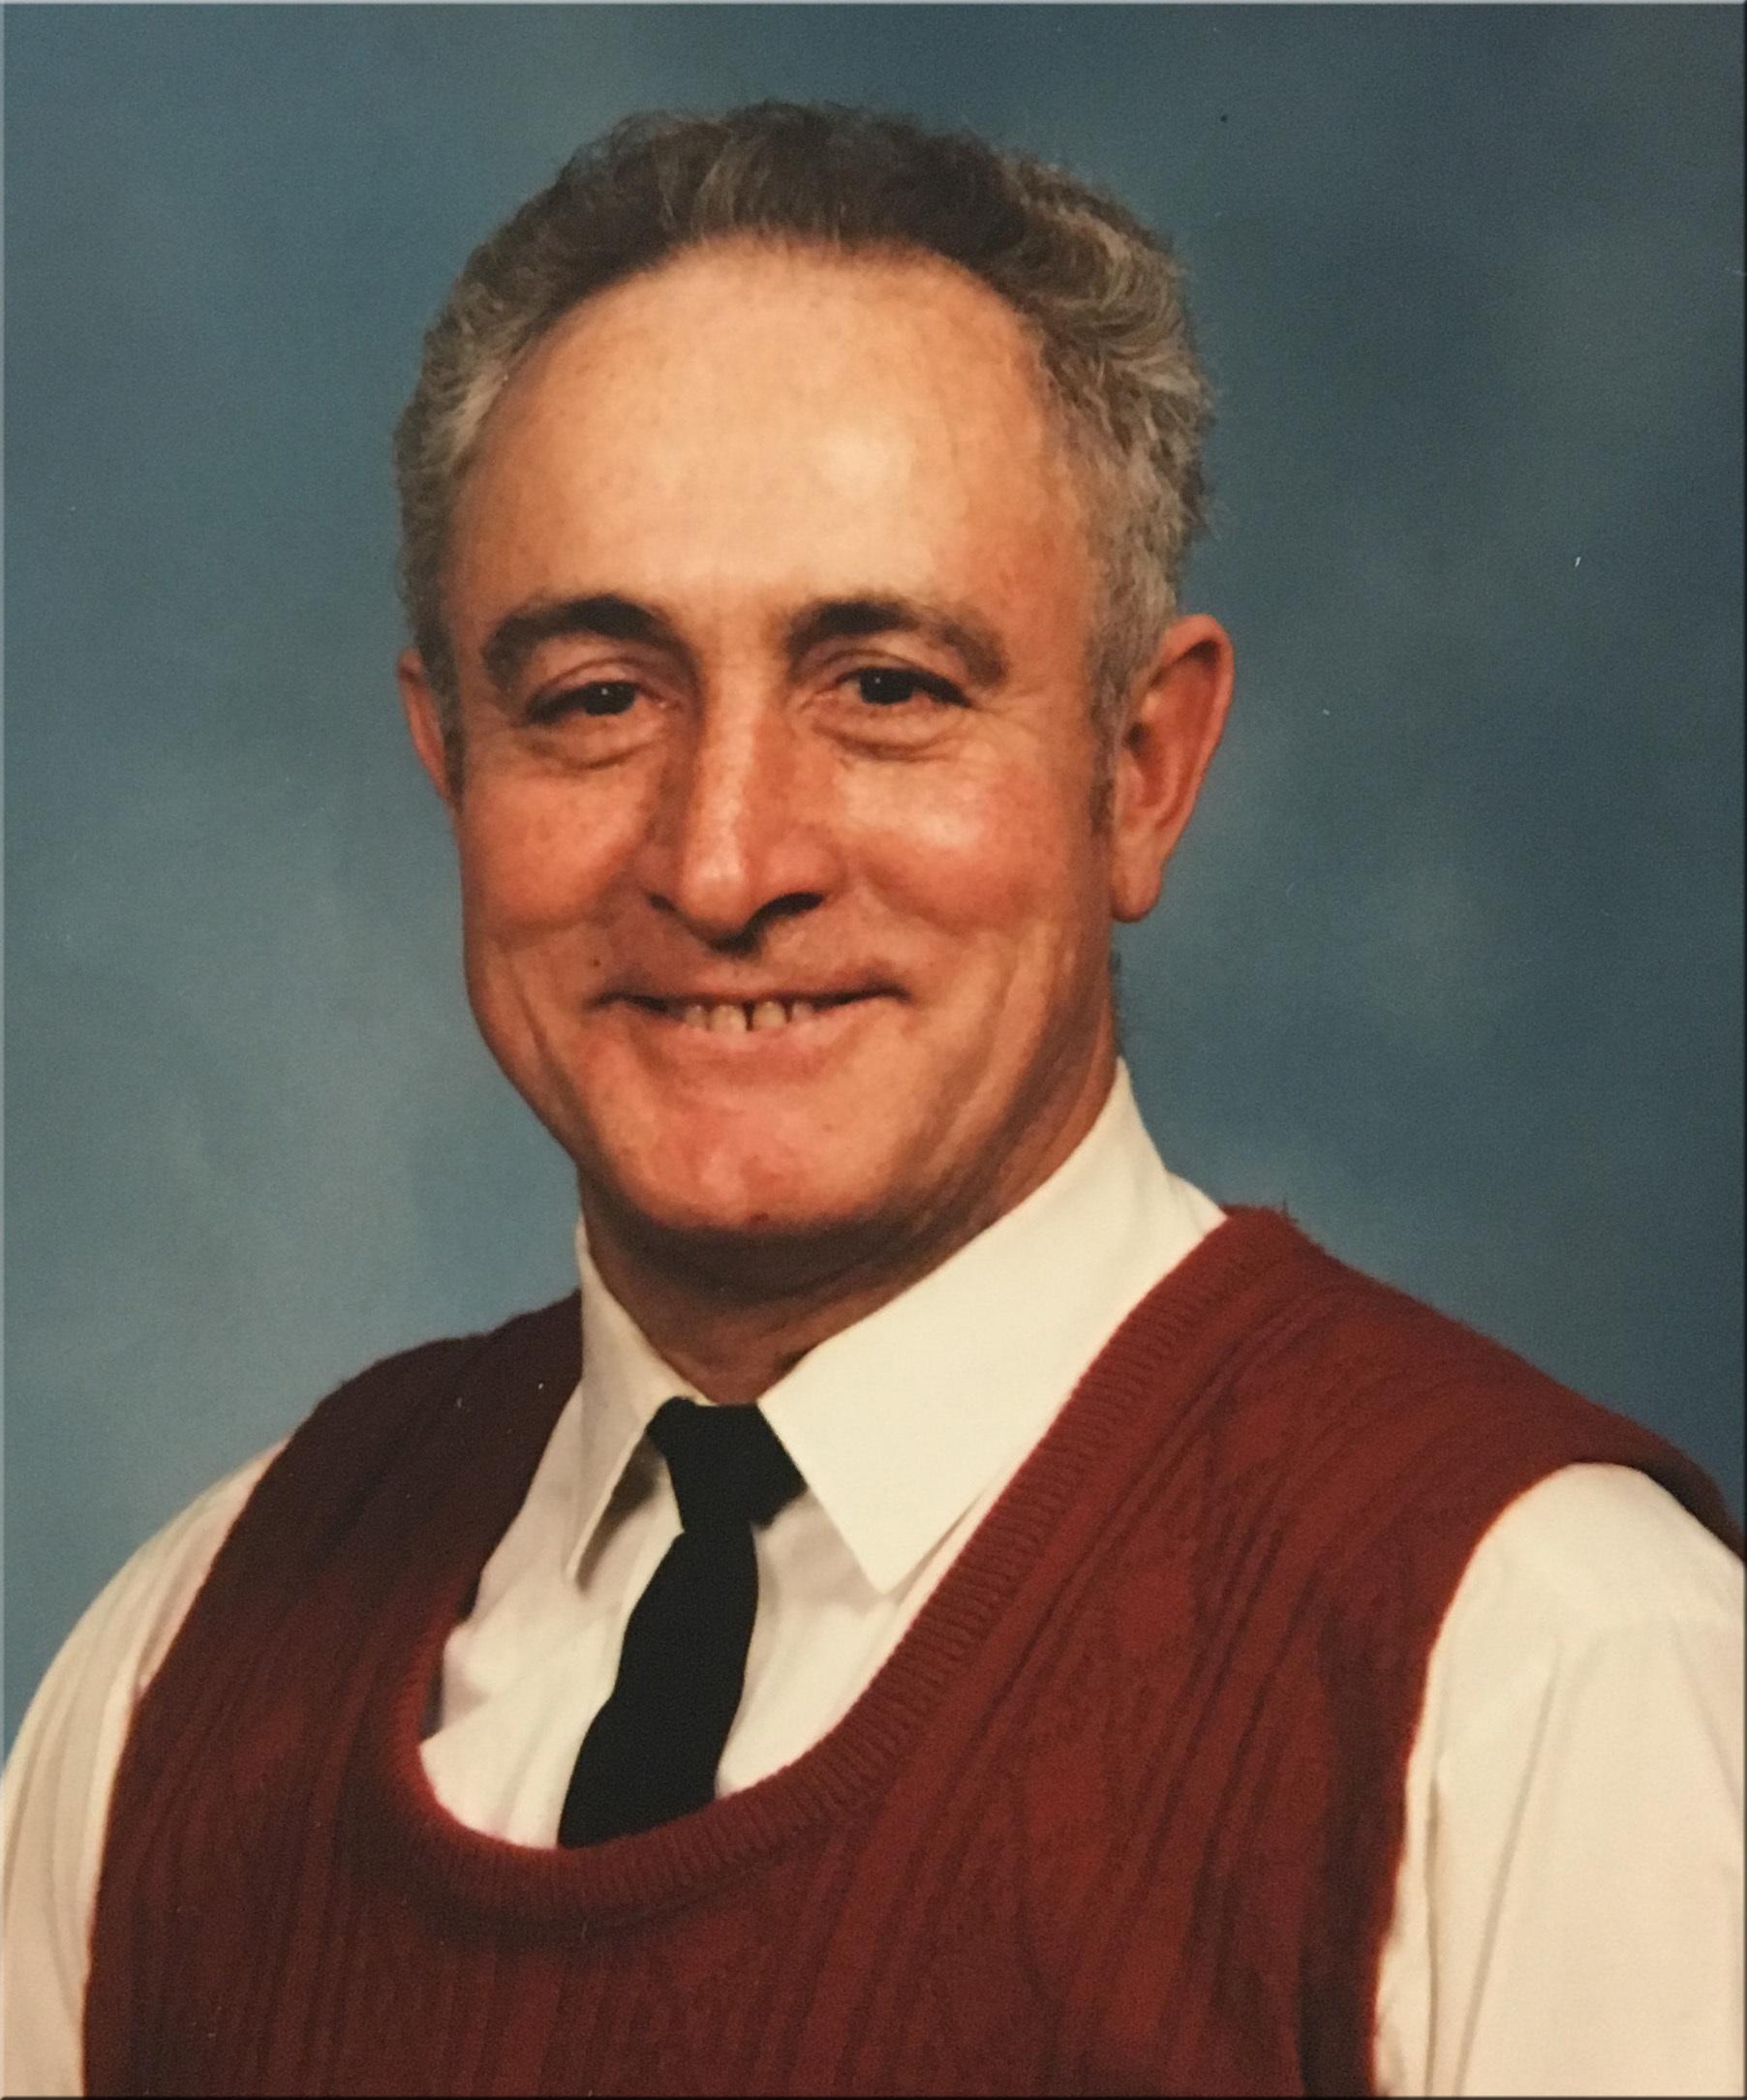 Harold L. Fleck